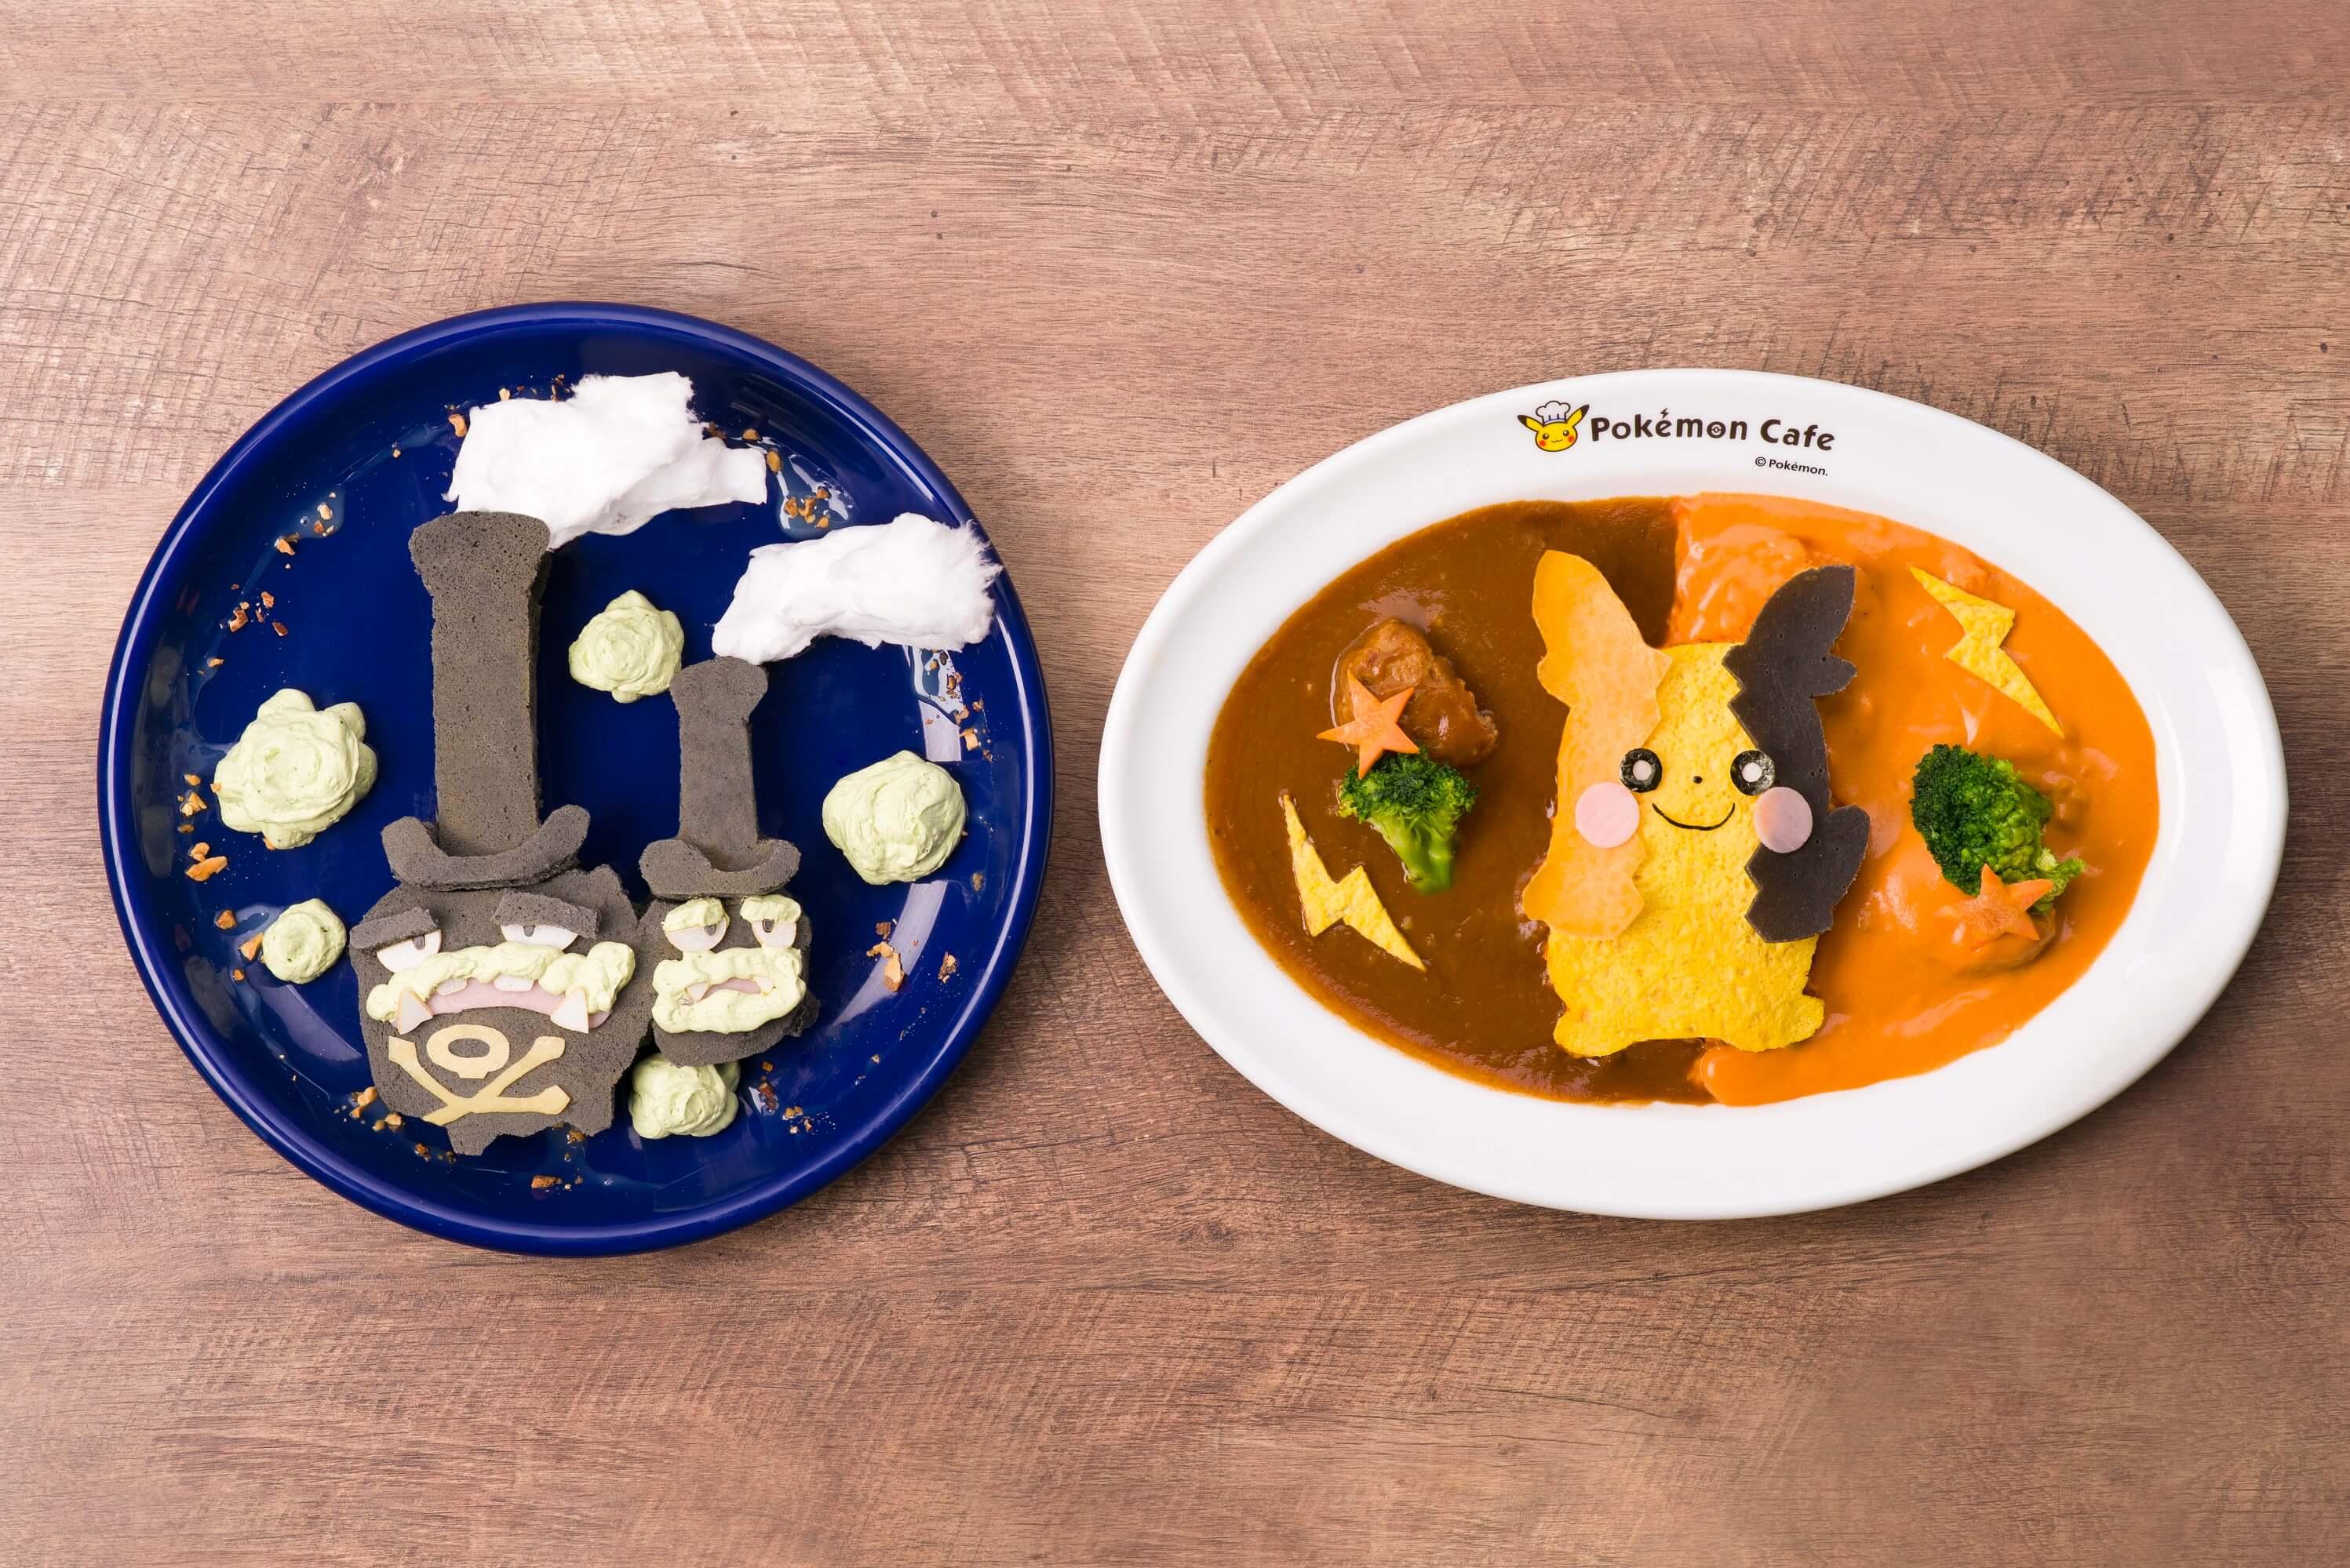 ポケモンカフェ pokemon cafe